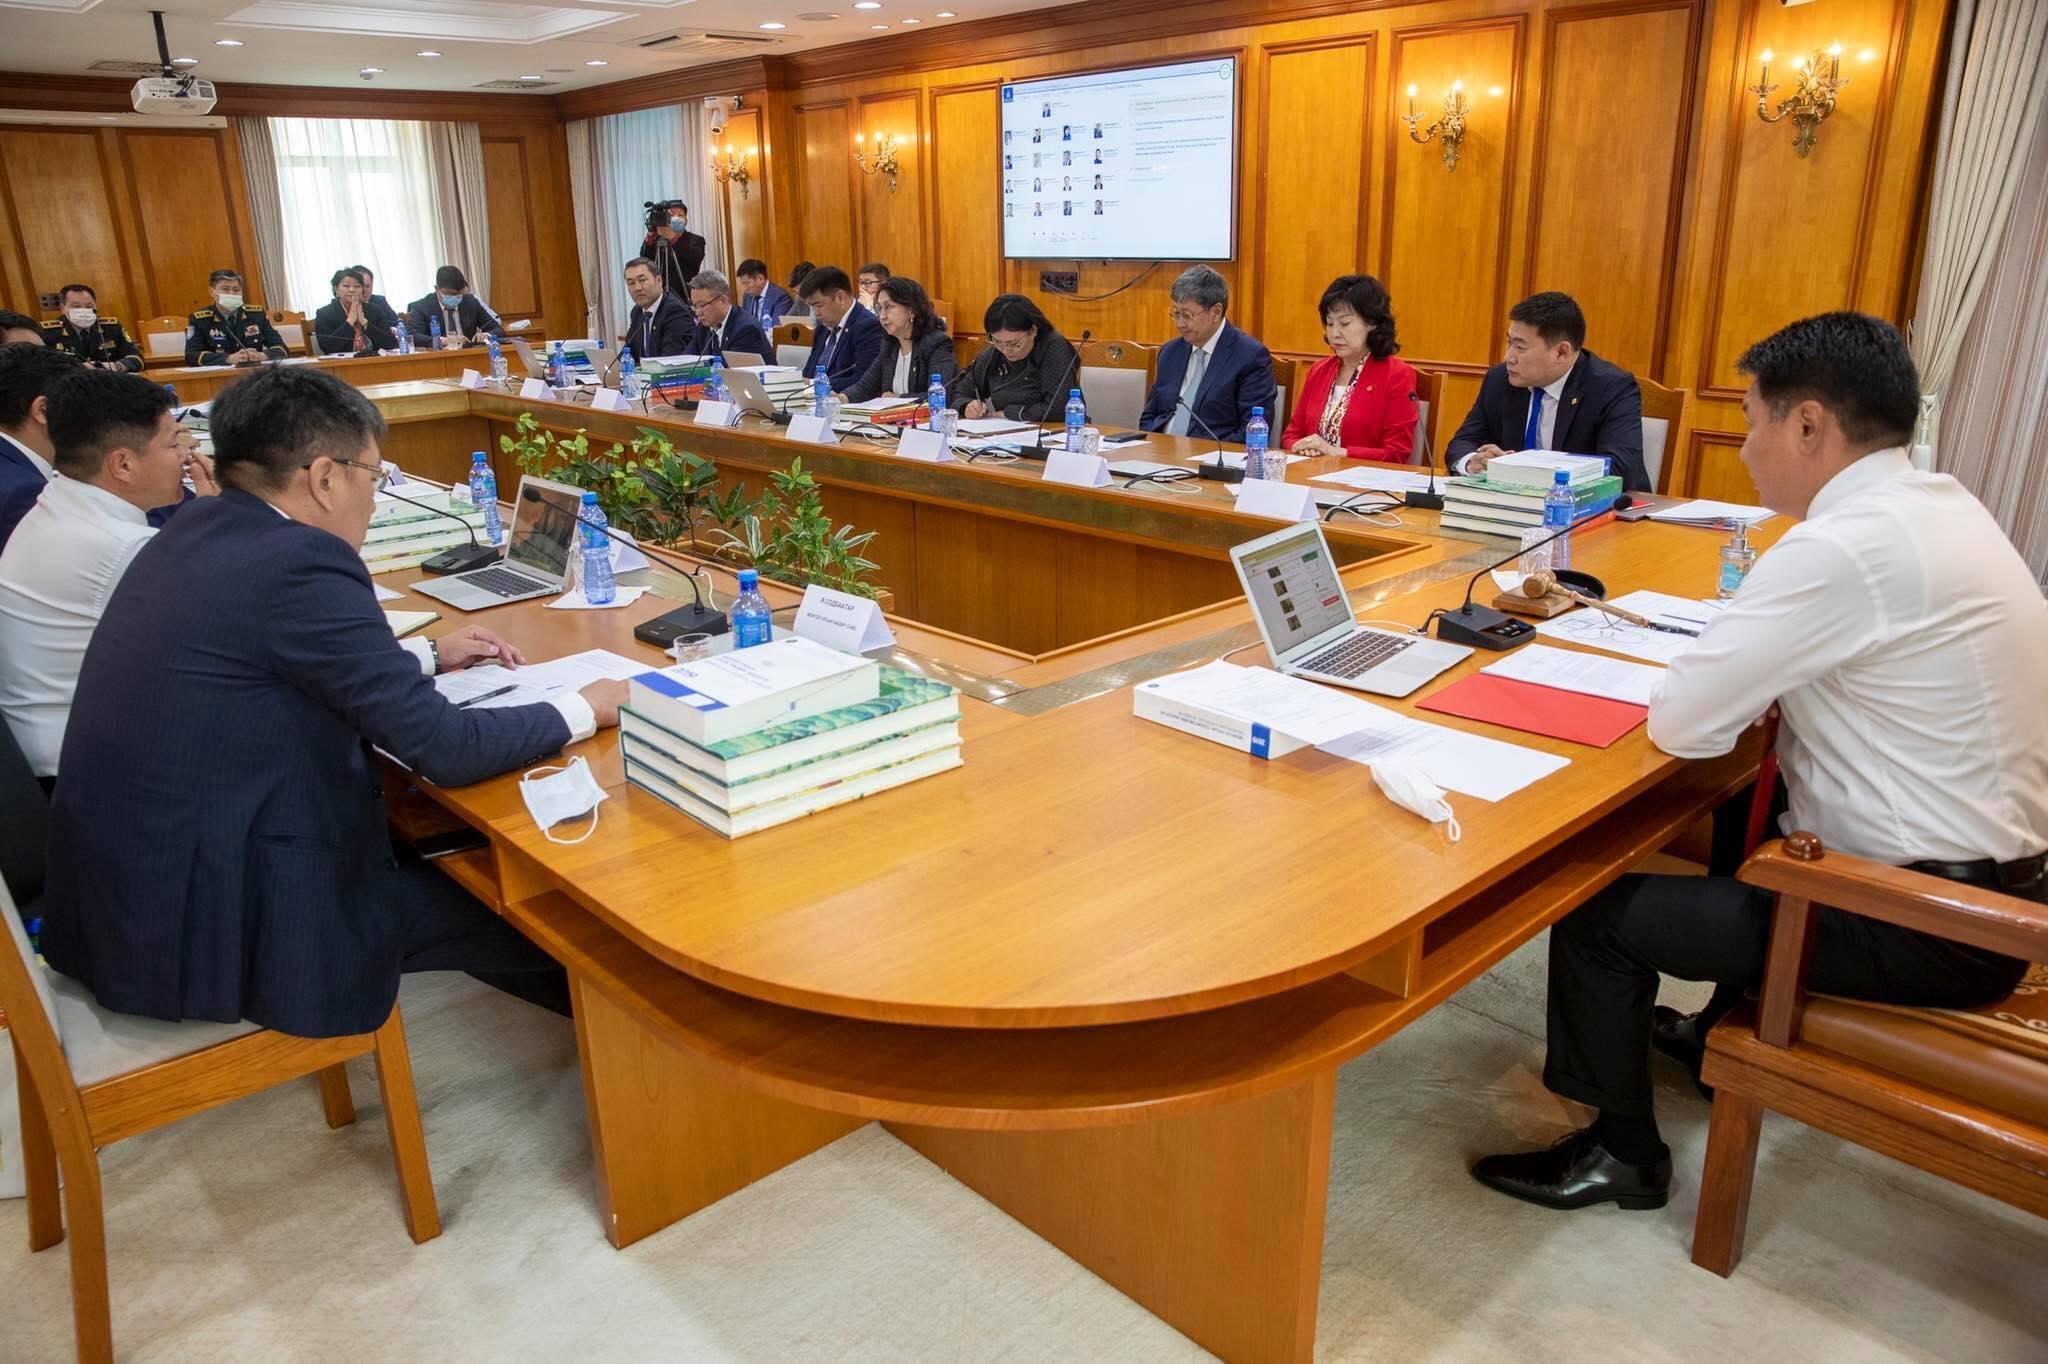 Засгийн газрын ирэх дөрвөн жилийн үйл ажиллагааны хөтөлбөрийг баталлаа